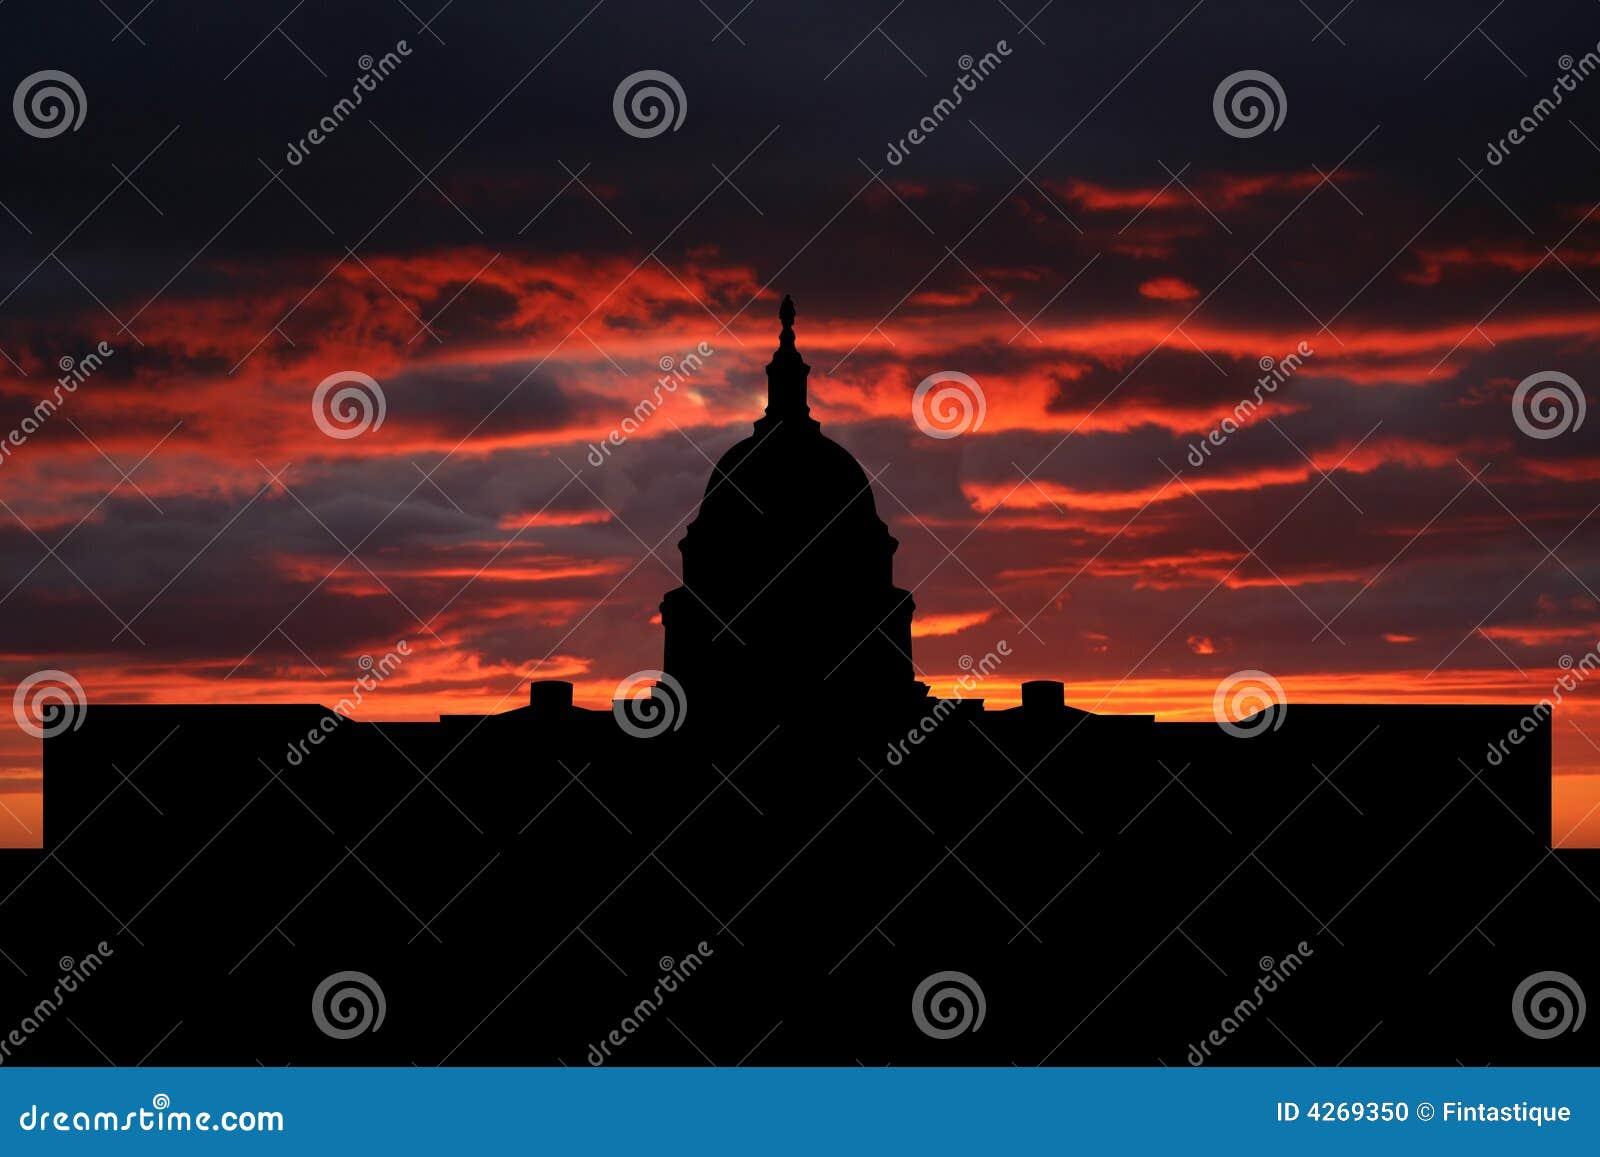 Sunset nas kapitolu